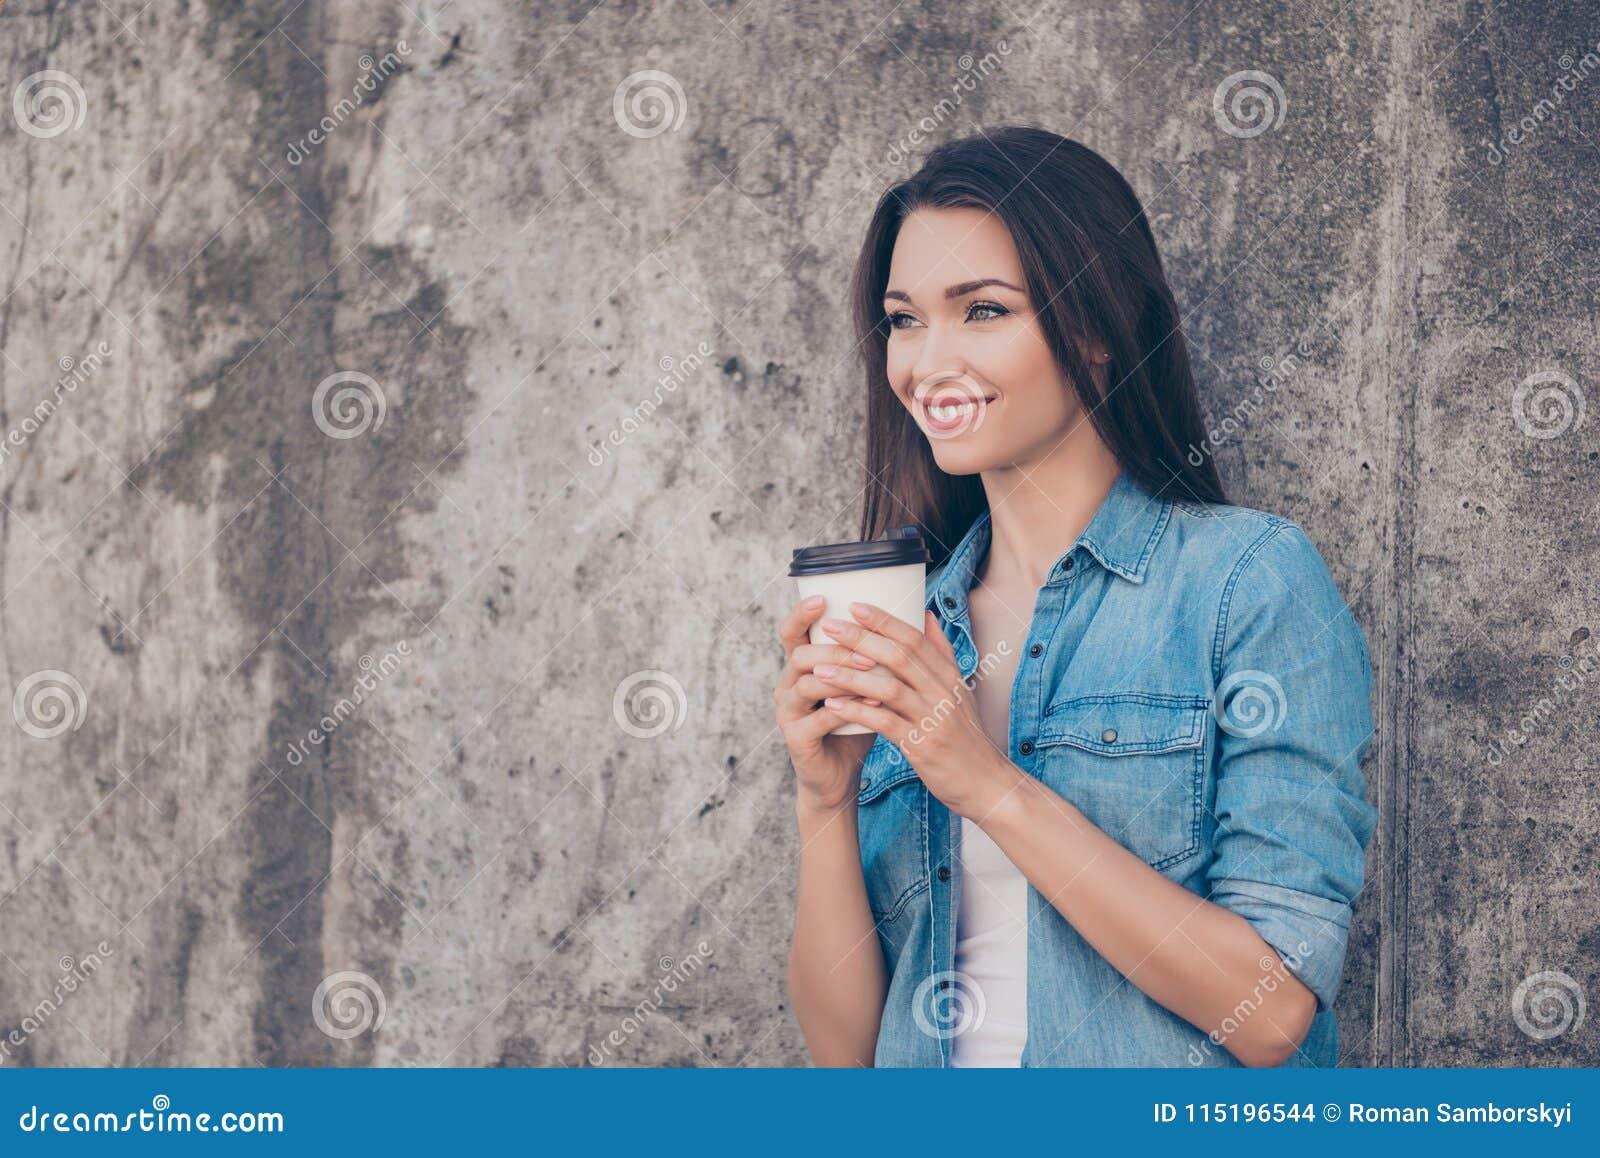 Guten Morgen! Nette recht junge ruhige Brunettedame trinkt heißen Tee nahe Betonmauer draußen, das Lächeln und trägt gemütliches